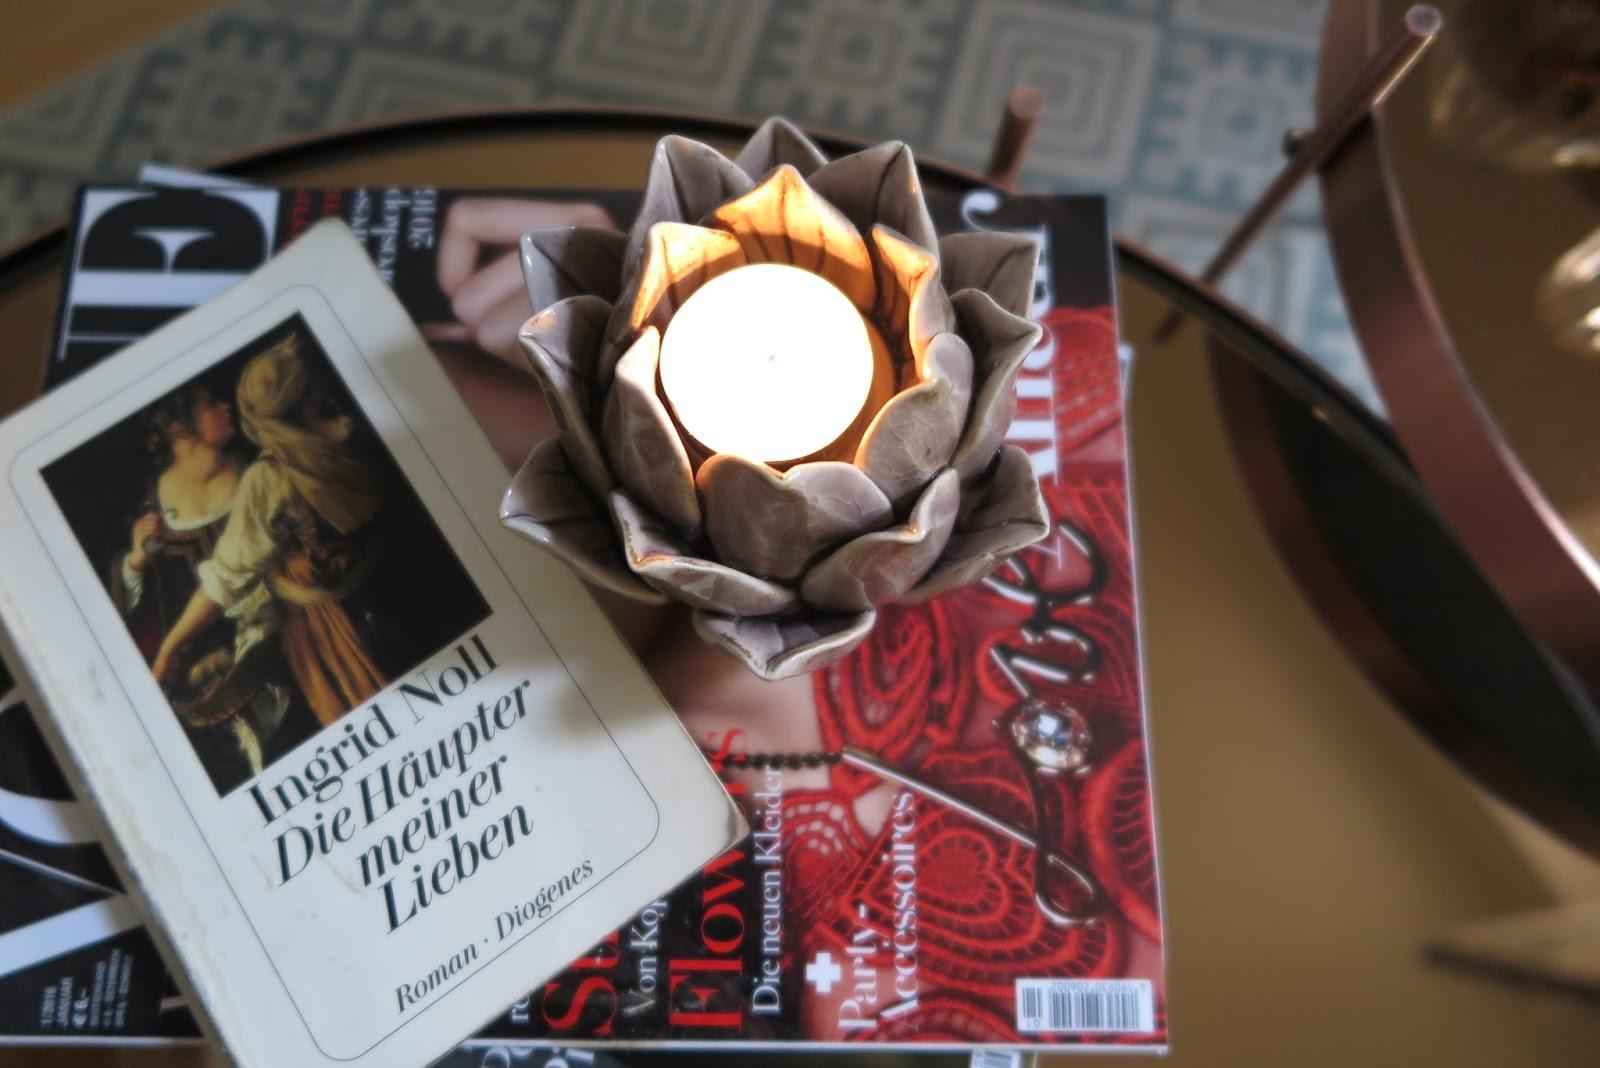 mein liebstes neues stuck ist wider erwarten aber nicht mein neuer couchtisch sondern das windlicht artichaut eine kleine artischocke